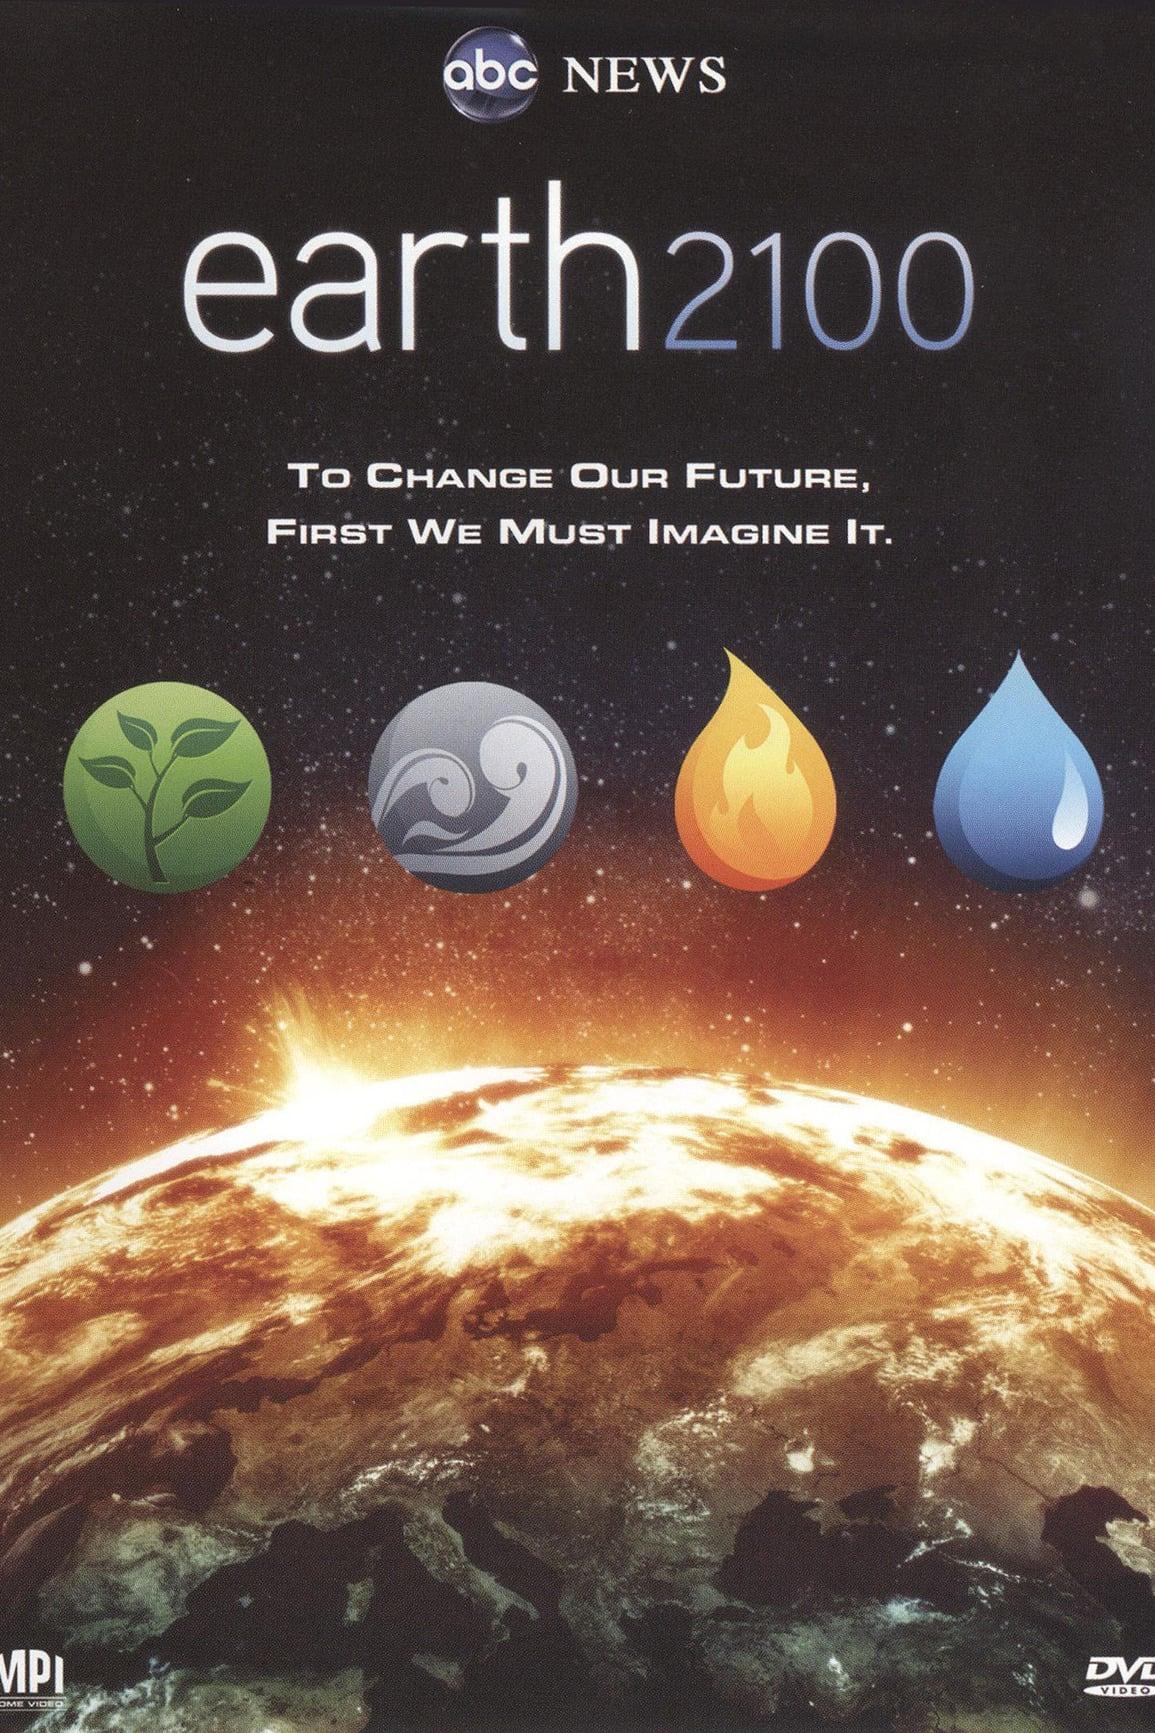 Земля 2100 Earth 2100